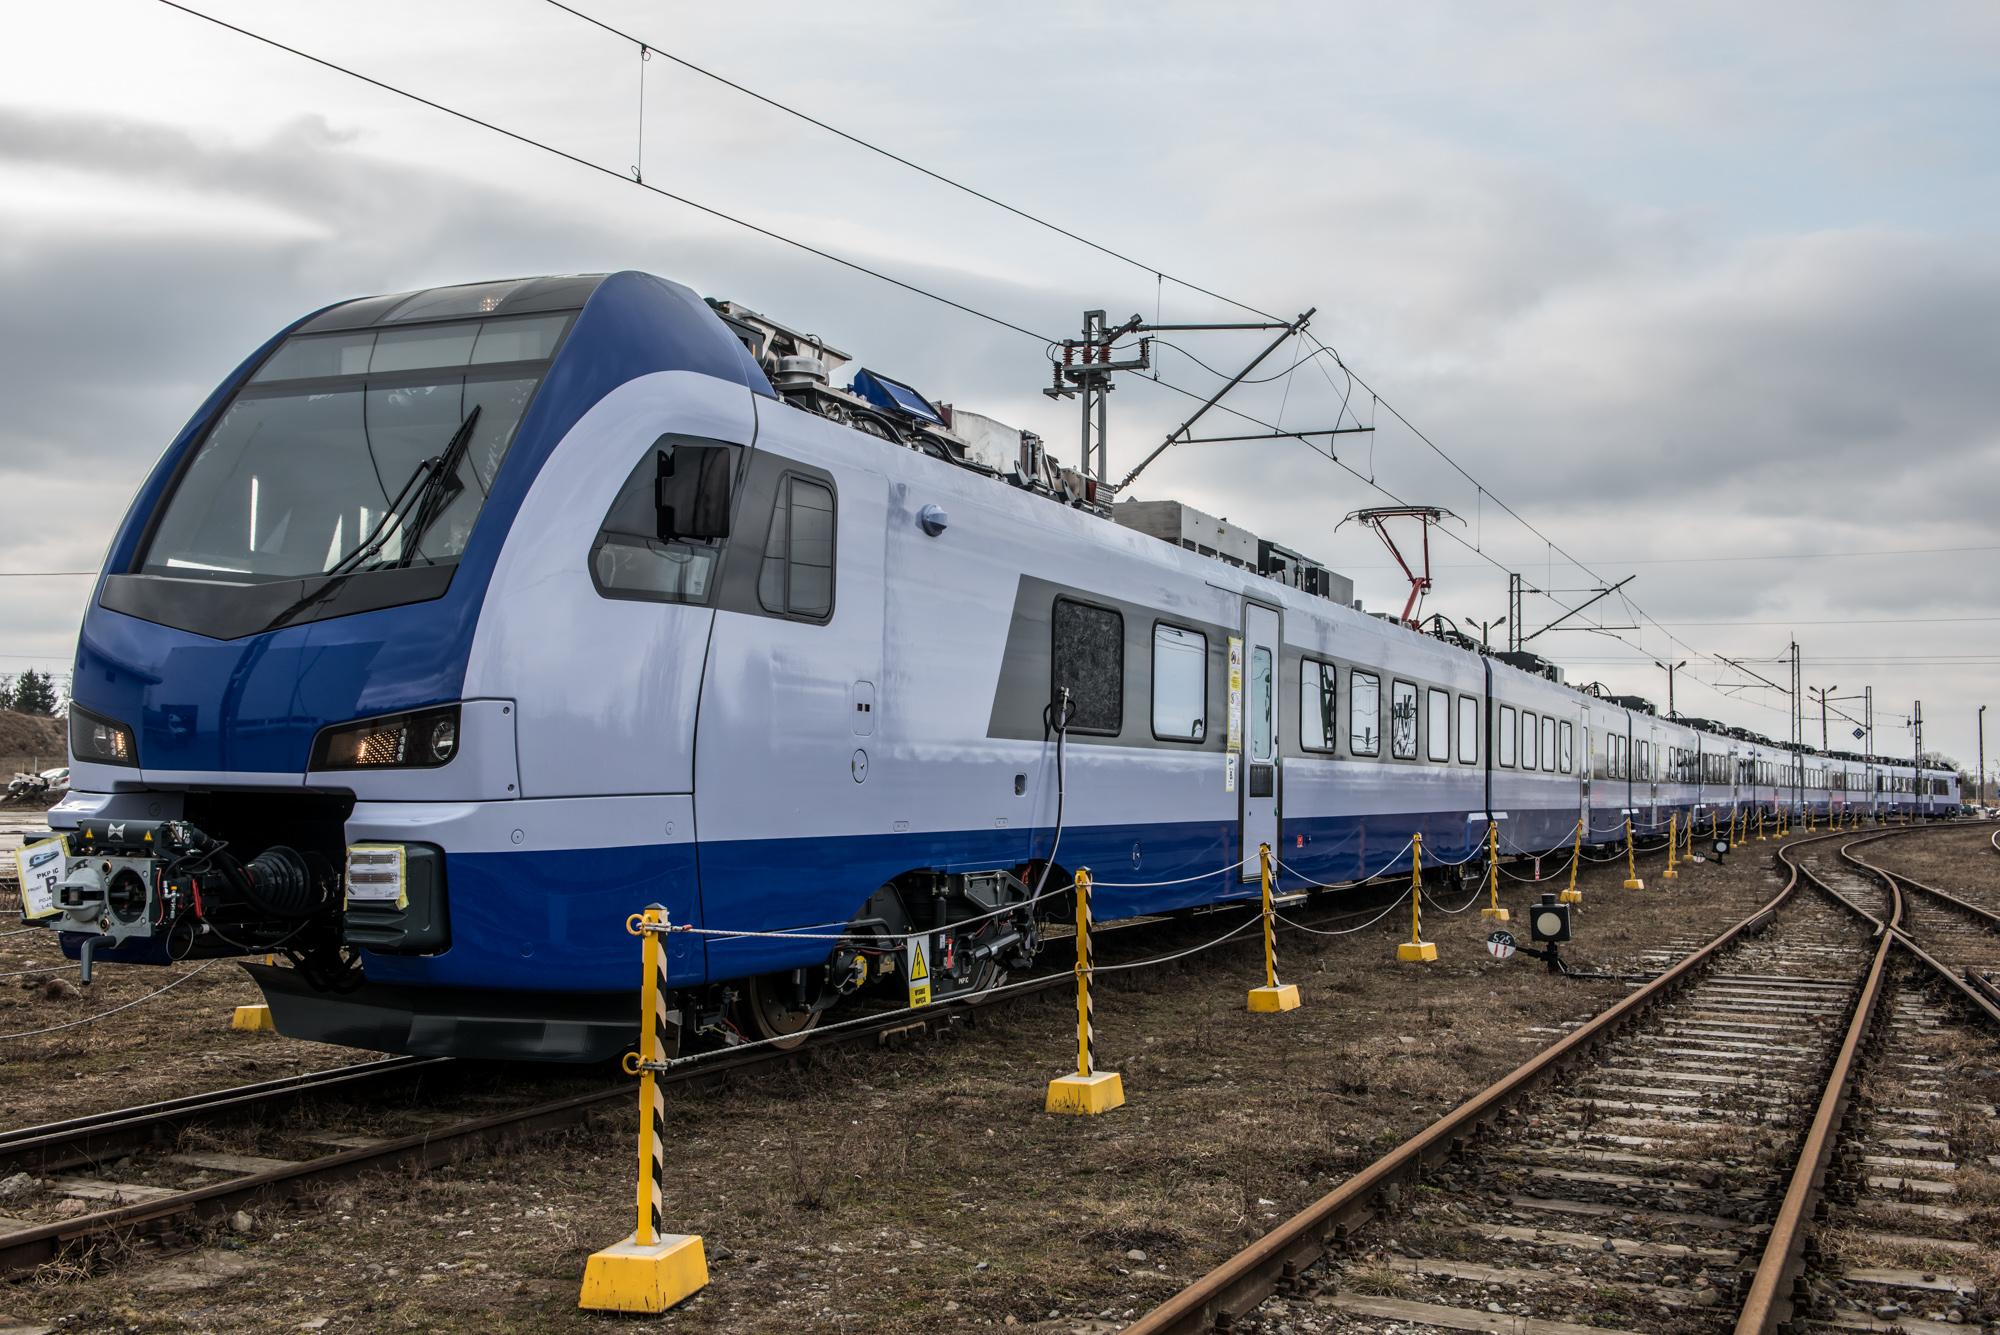 stadler flirt intercity 2012 máj 31 a csehországi velim vasúti tesztpályáján nyilvánosan is bemutatták a leo express első intercity járművét a cseh vasúti közlekedési piacra újonnan belépő magánüzemeltető még 2010-ben rendelt öt intercity kivitelű flirt-motorvonatot a svájci stadlertől az új szerelvények a prága és ostrava között állnak.